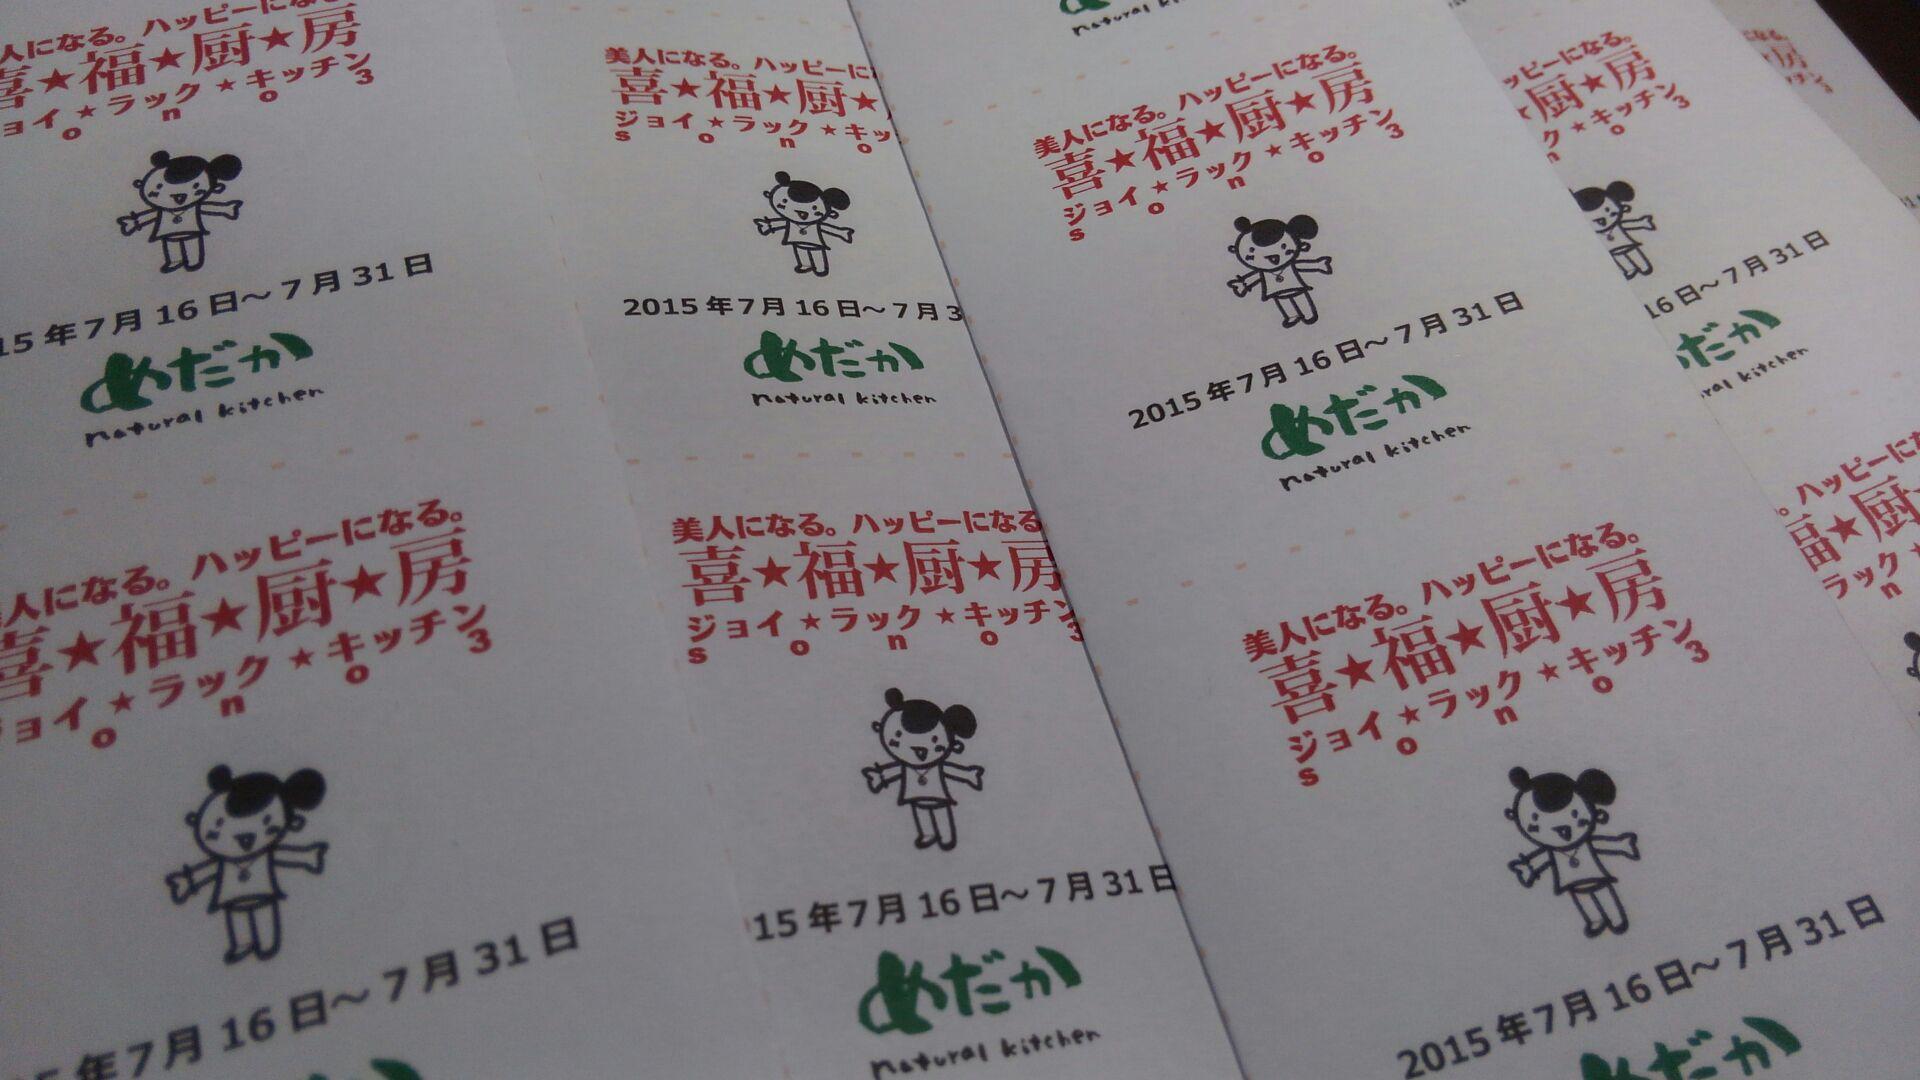 2015年7月16日 本日スタート!喜★福★厨★房(ジョイラックキッチン)